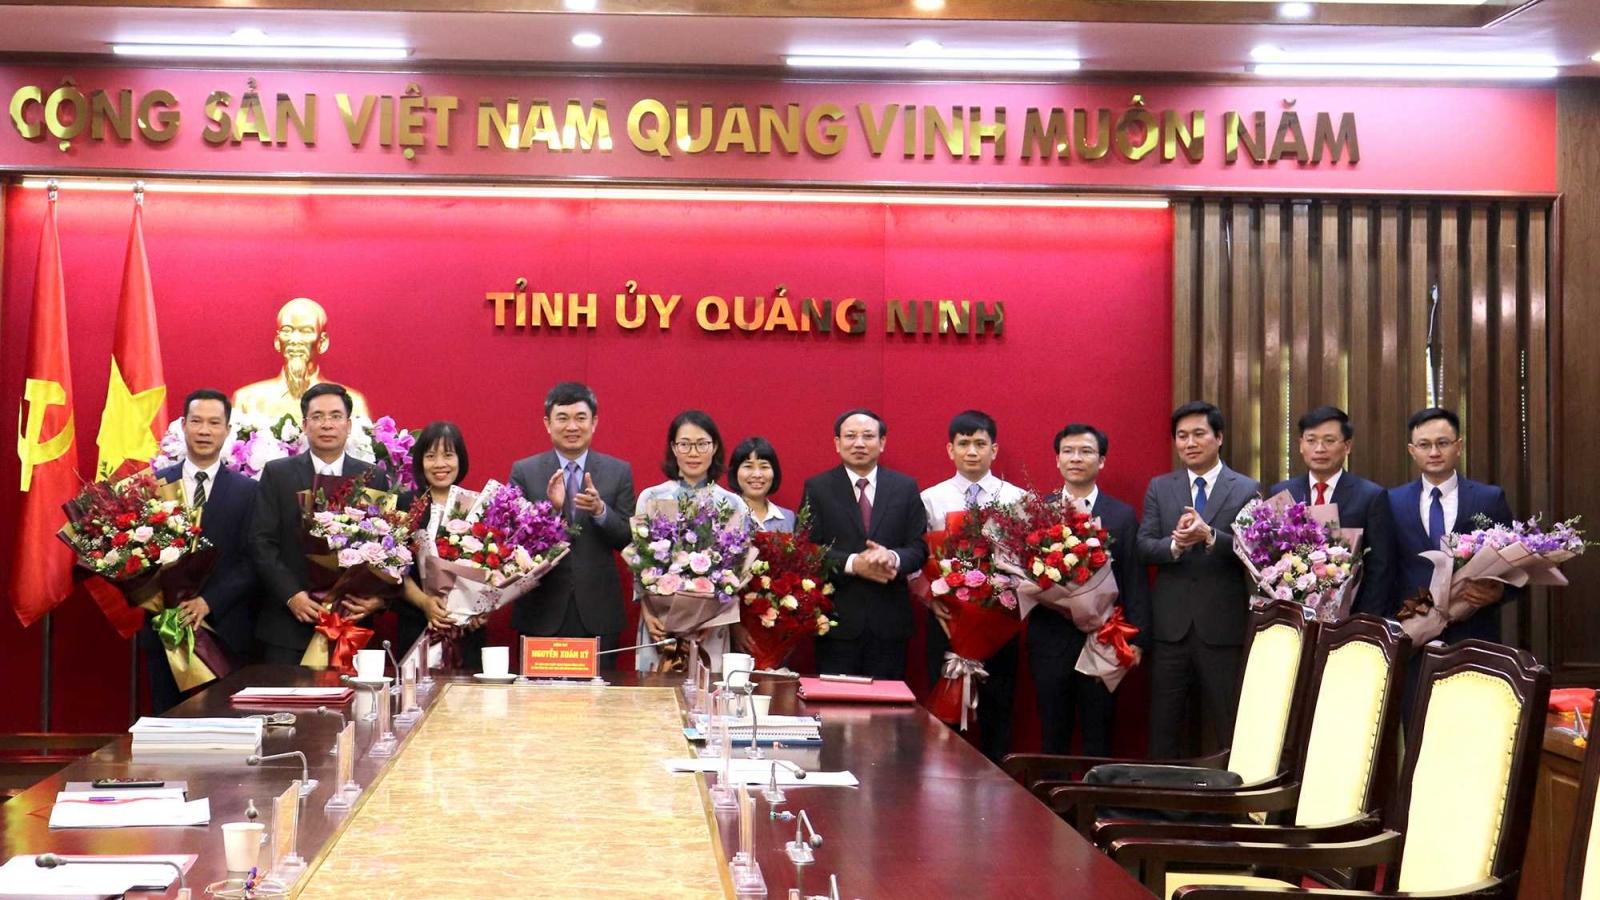 Quảng Ninh bổ nhiệm 3 lãnh đạo cấp Sở thông qua thi tuyển